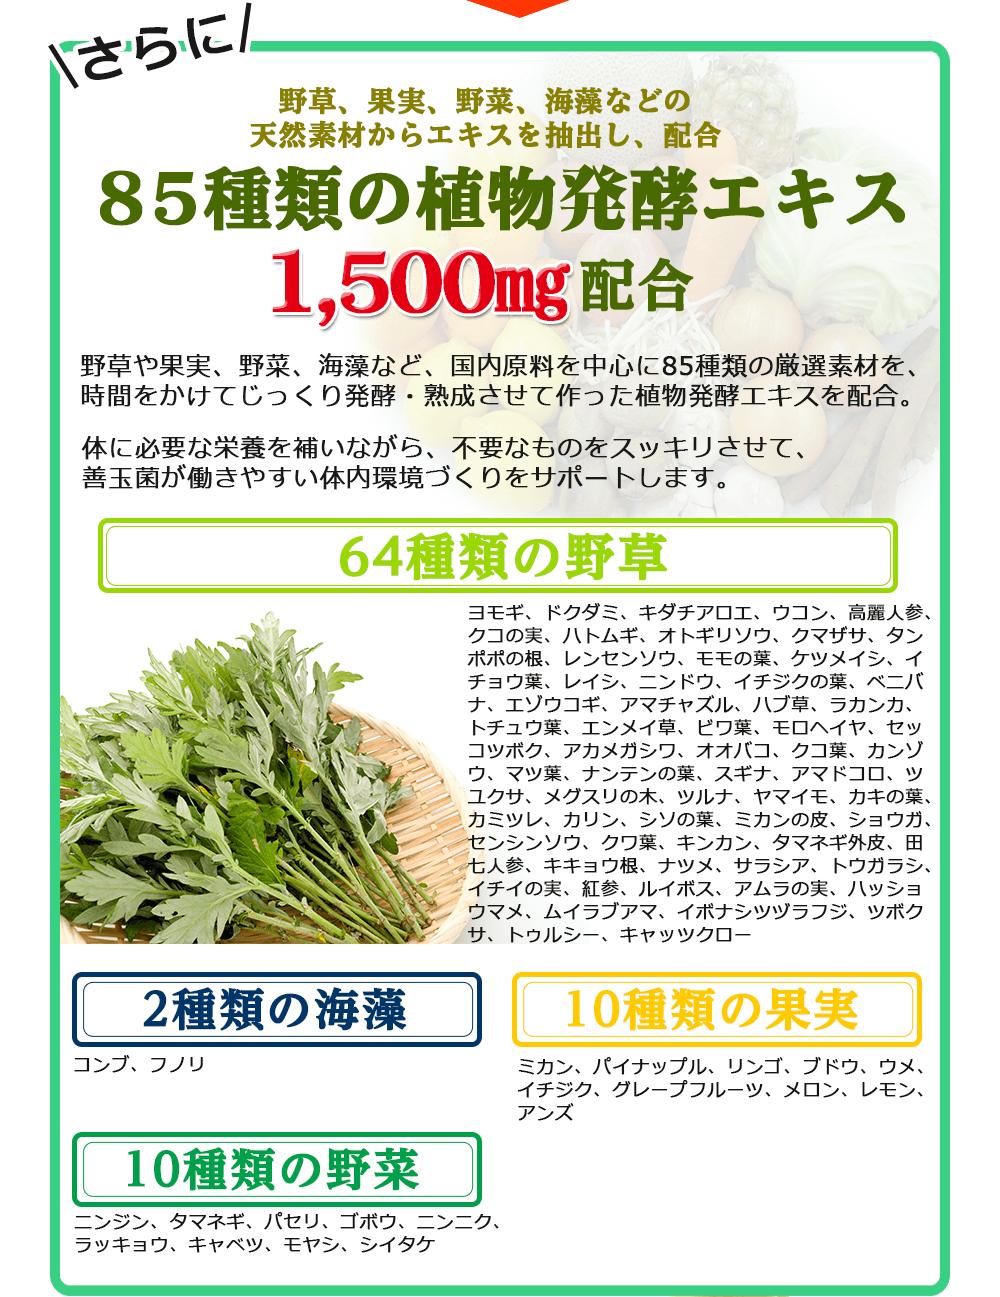 85種類の植物醗酵エキス